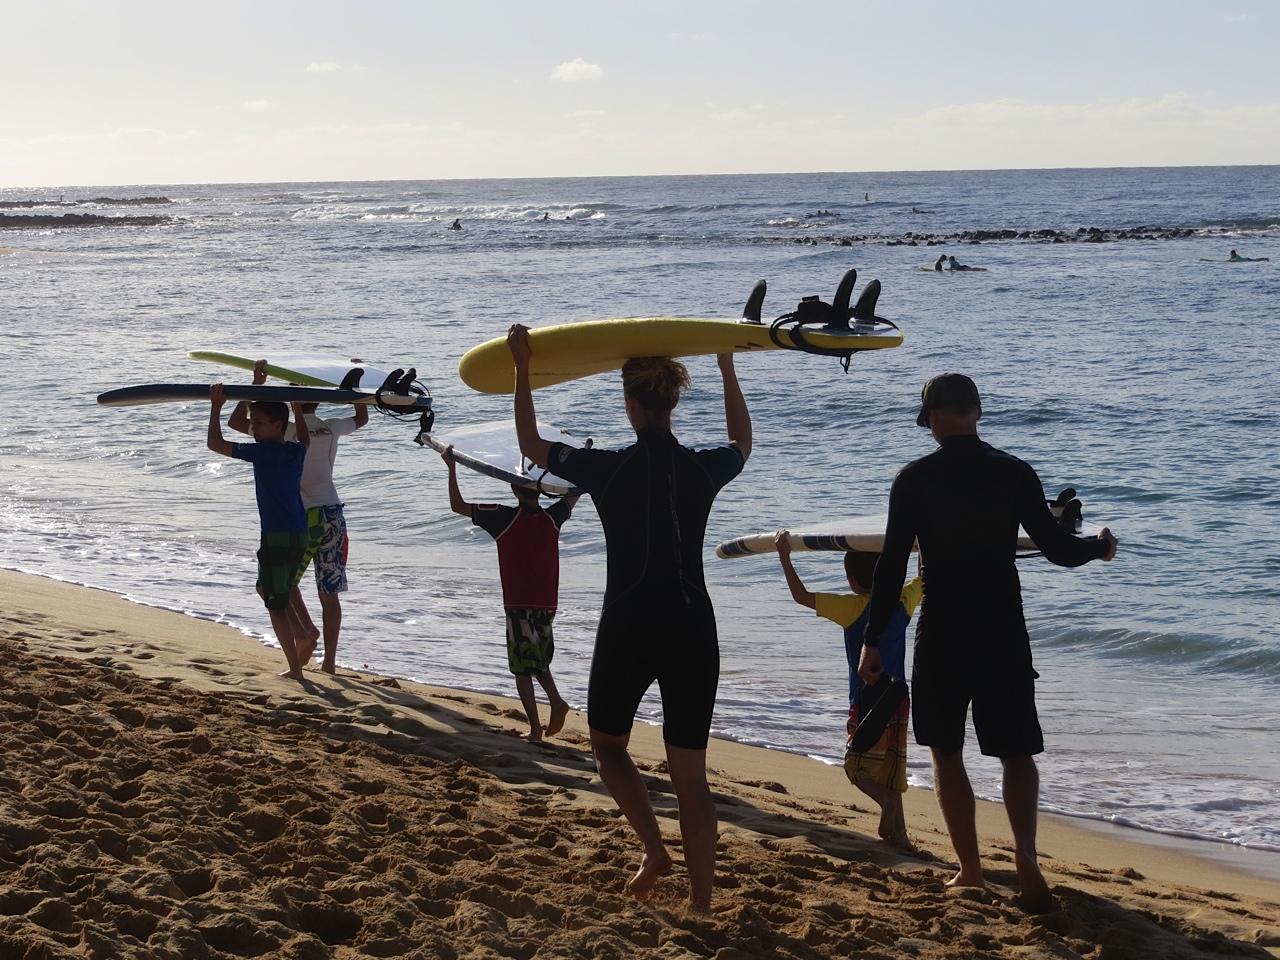 Family Hangs 10 and More in Kauai